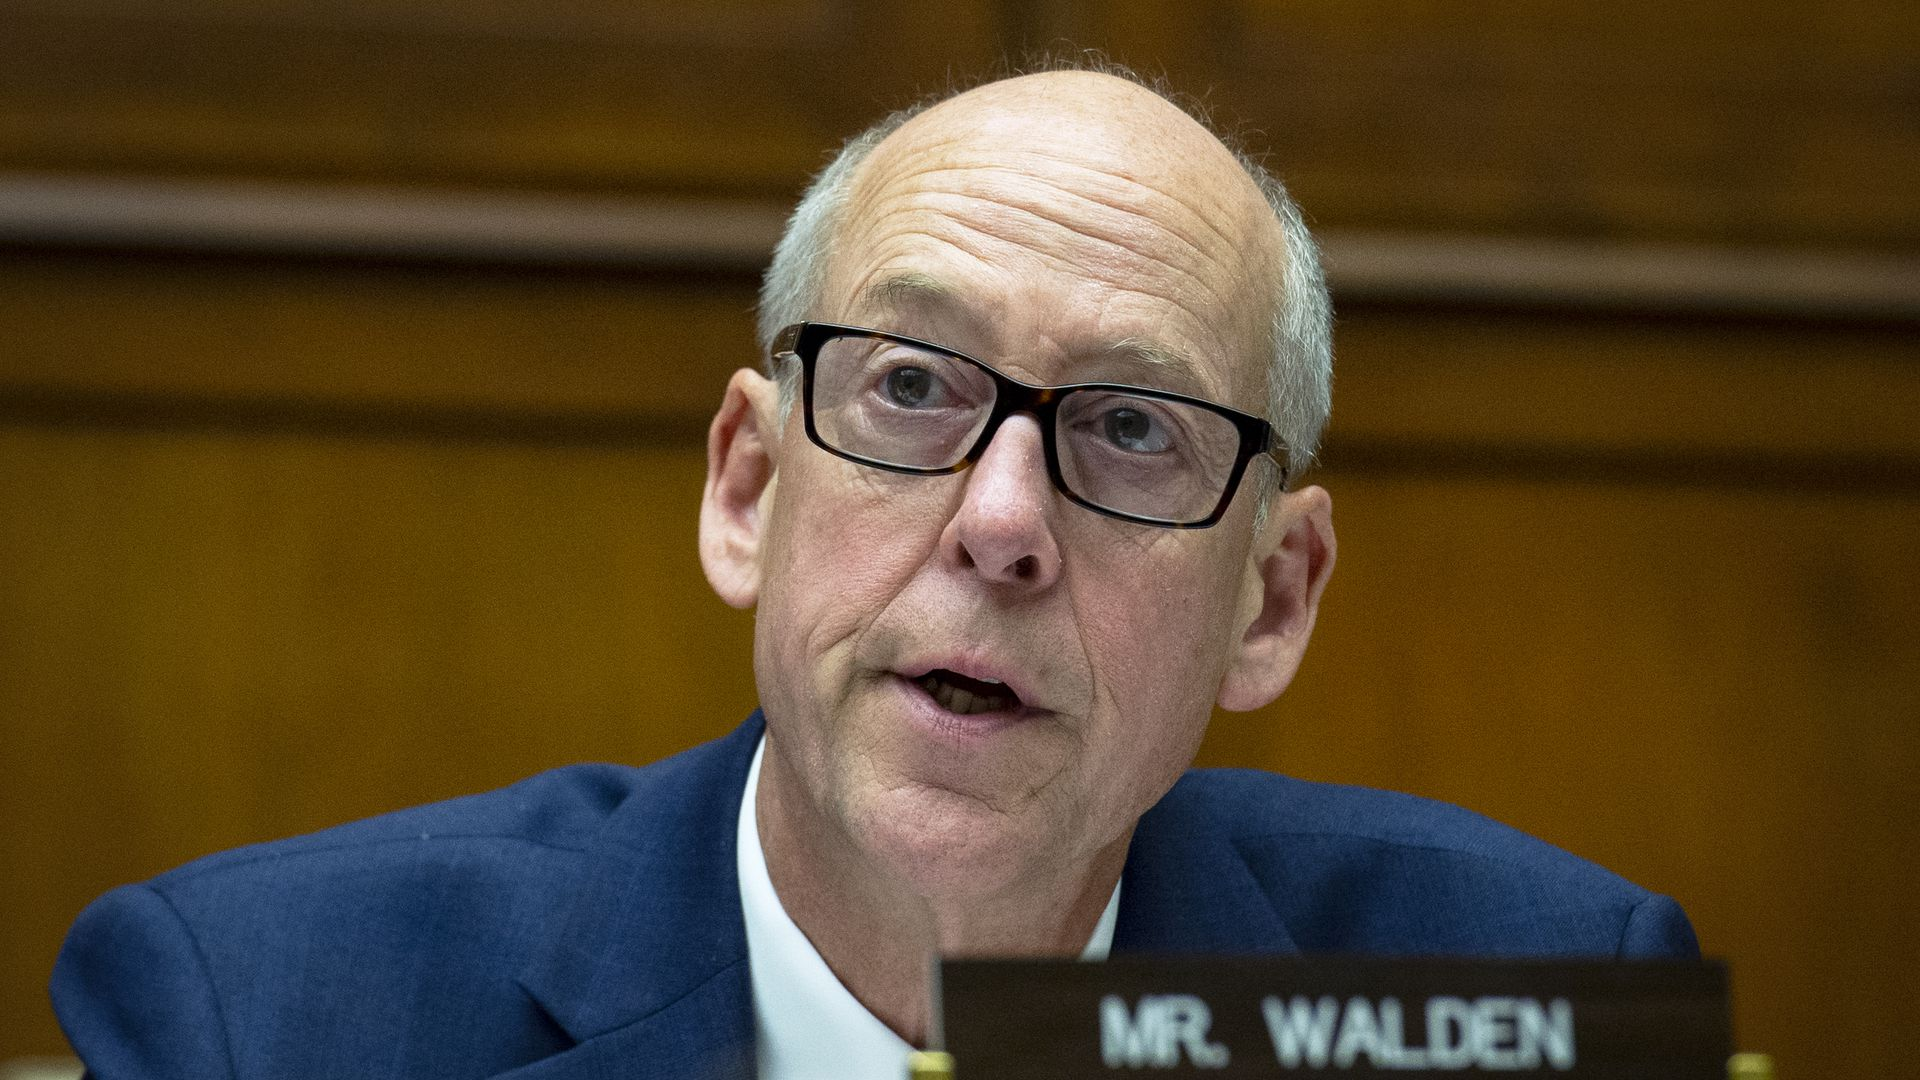 Rep. Walden.